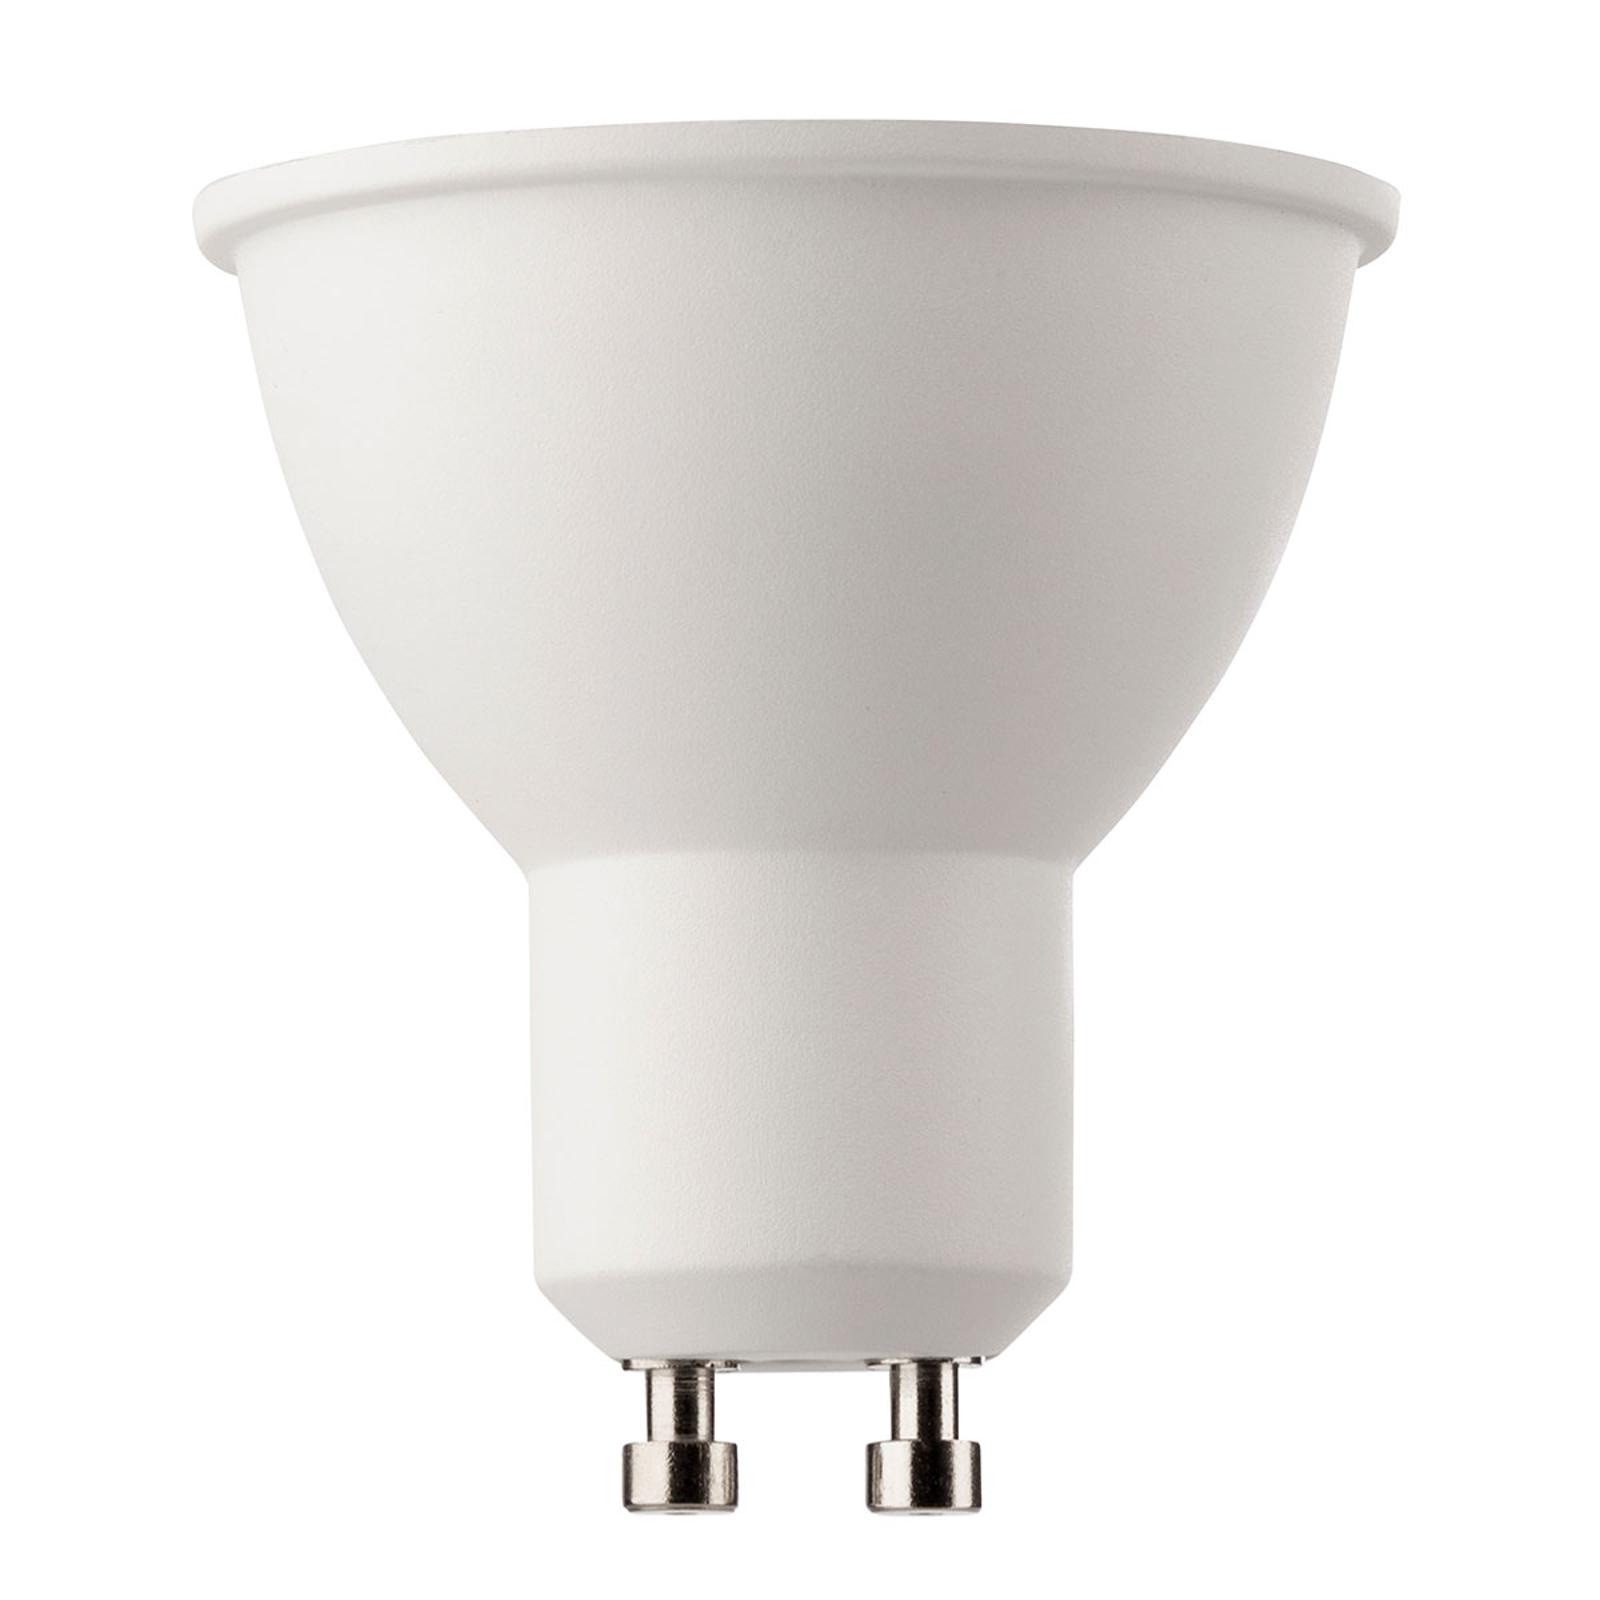 LED-Reflektor GU10 8W 36° universalweiß